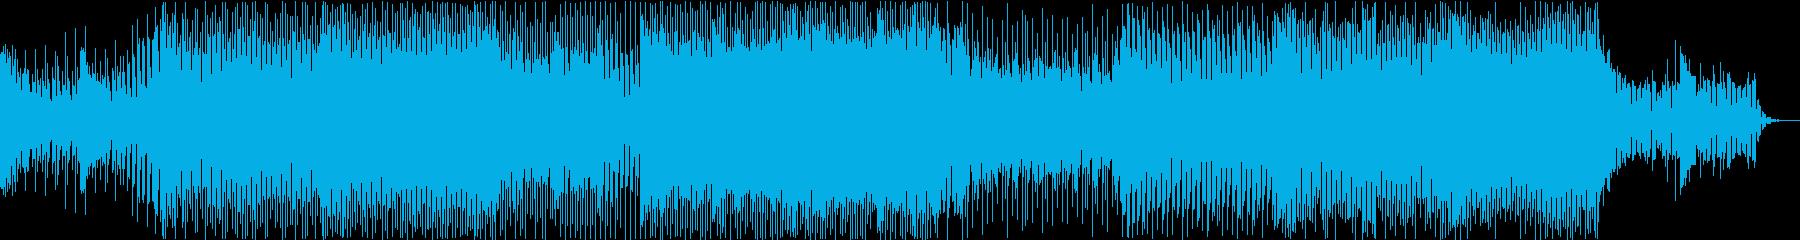 ★雄大で華麗な雰囲気のEDMの再生済みの波形